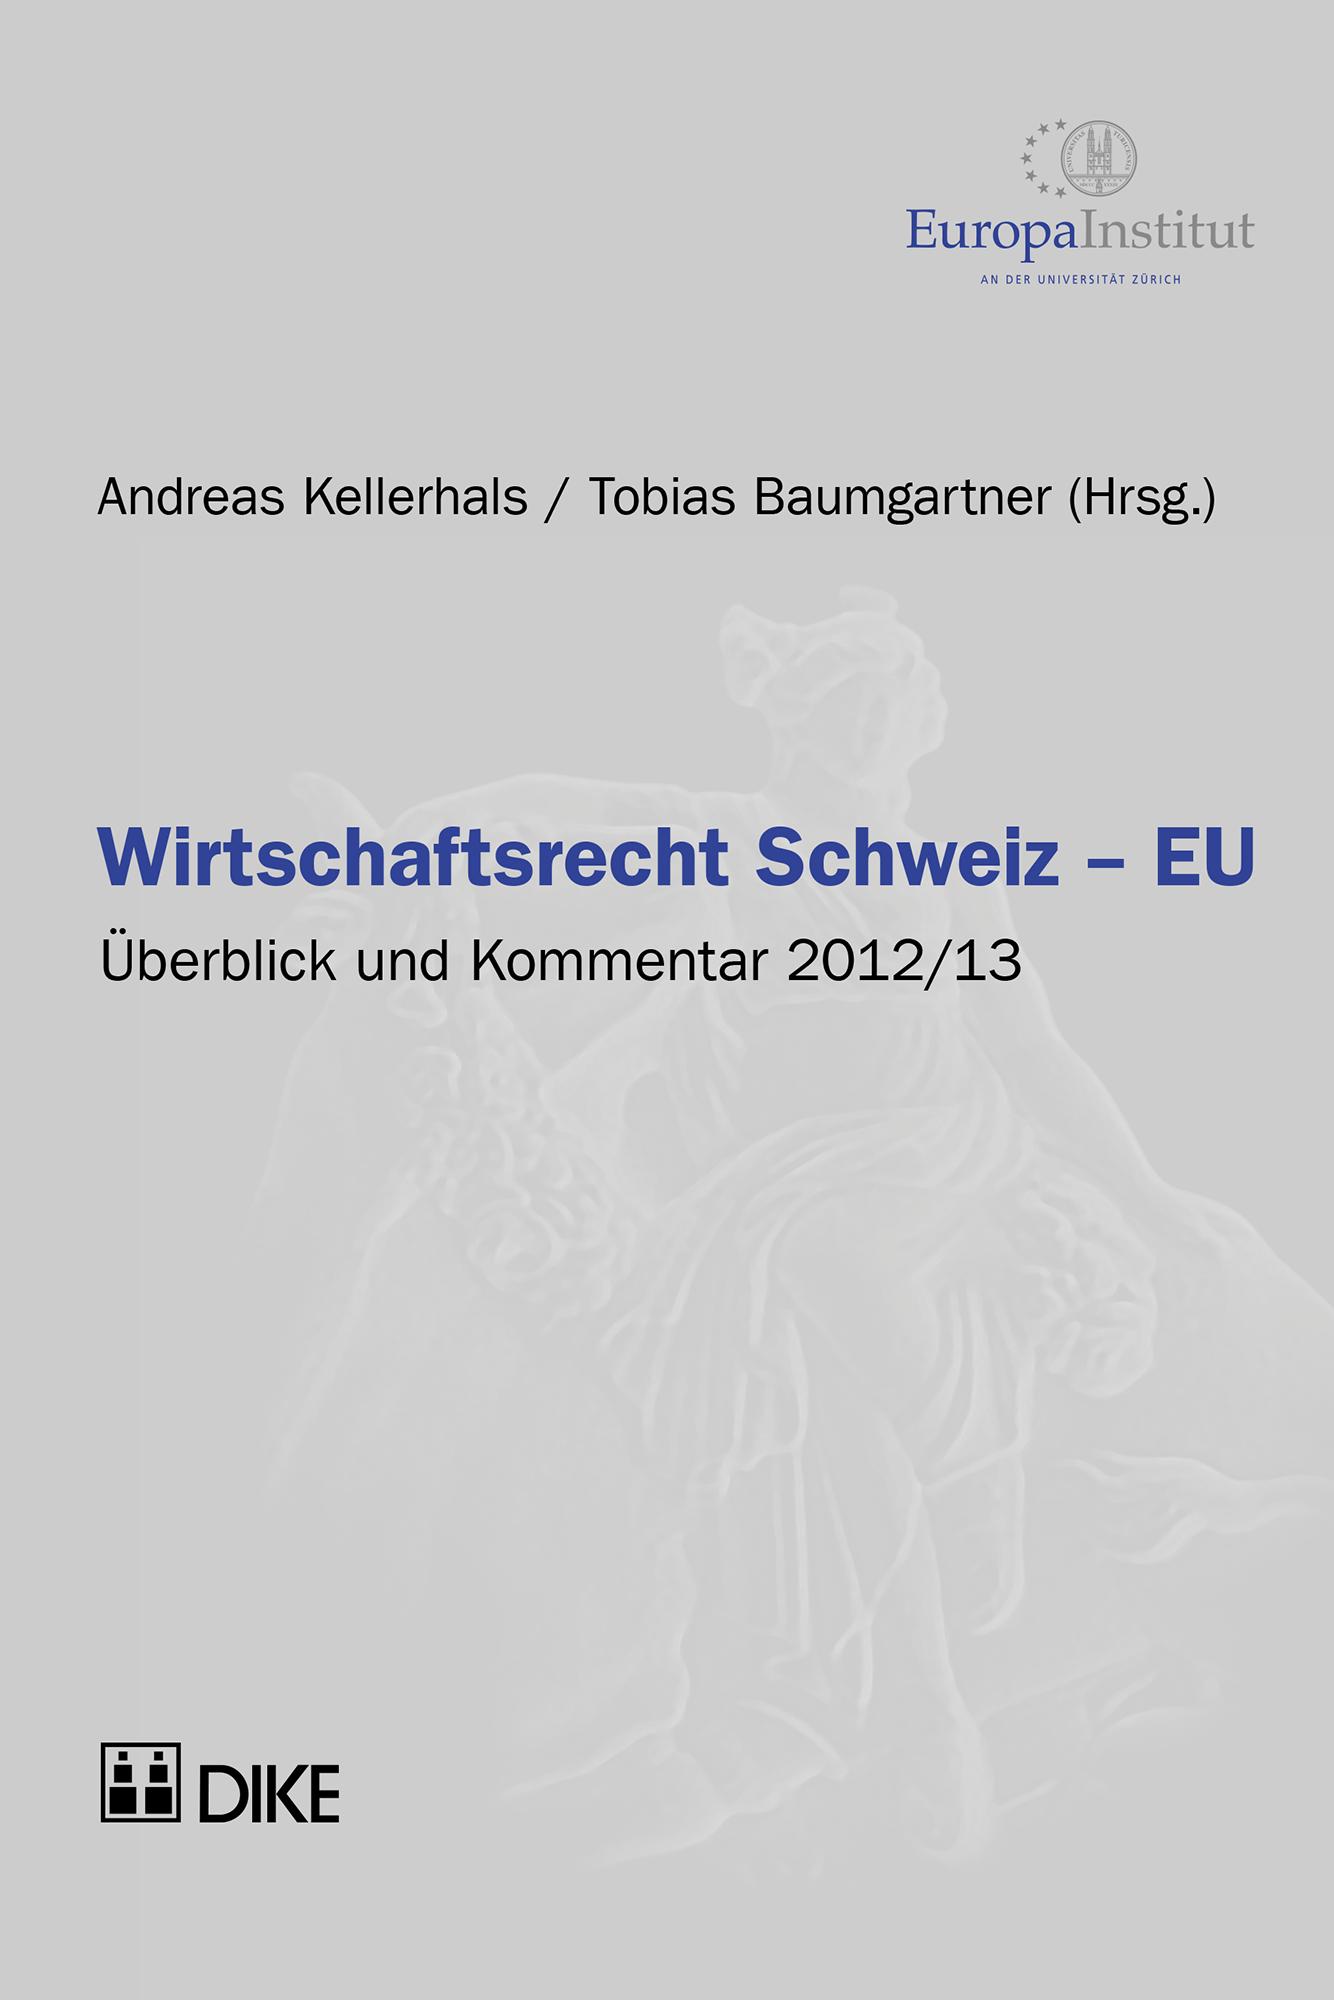 Wirtschaftsrecht Schweiz – EU 2012/13